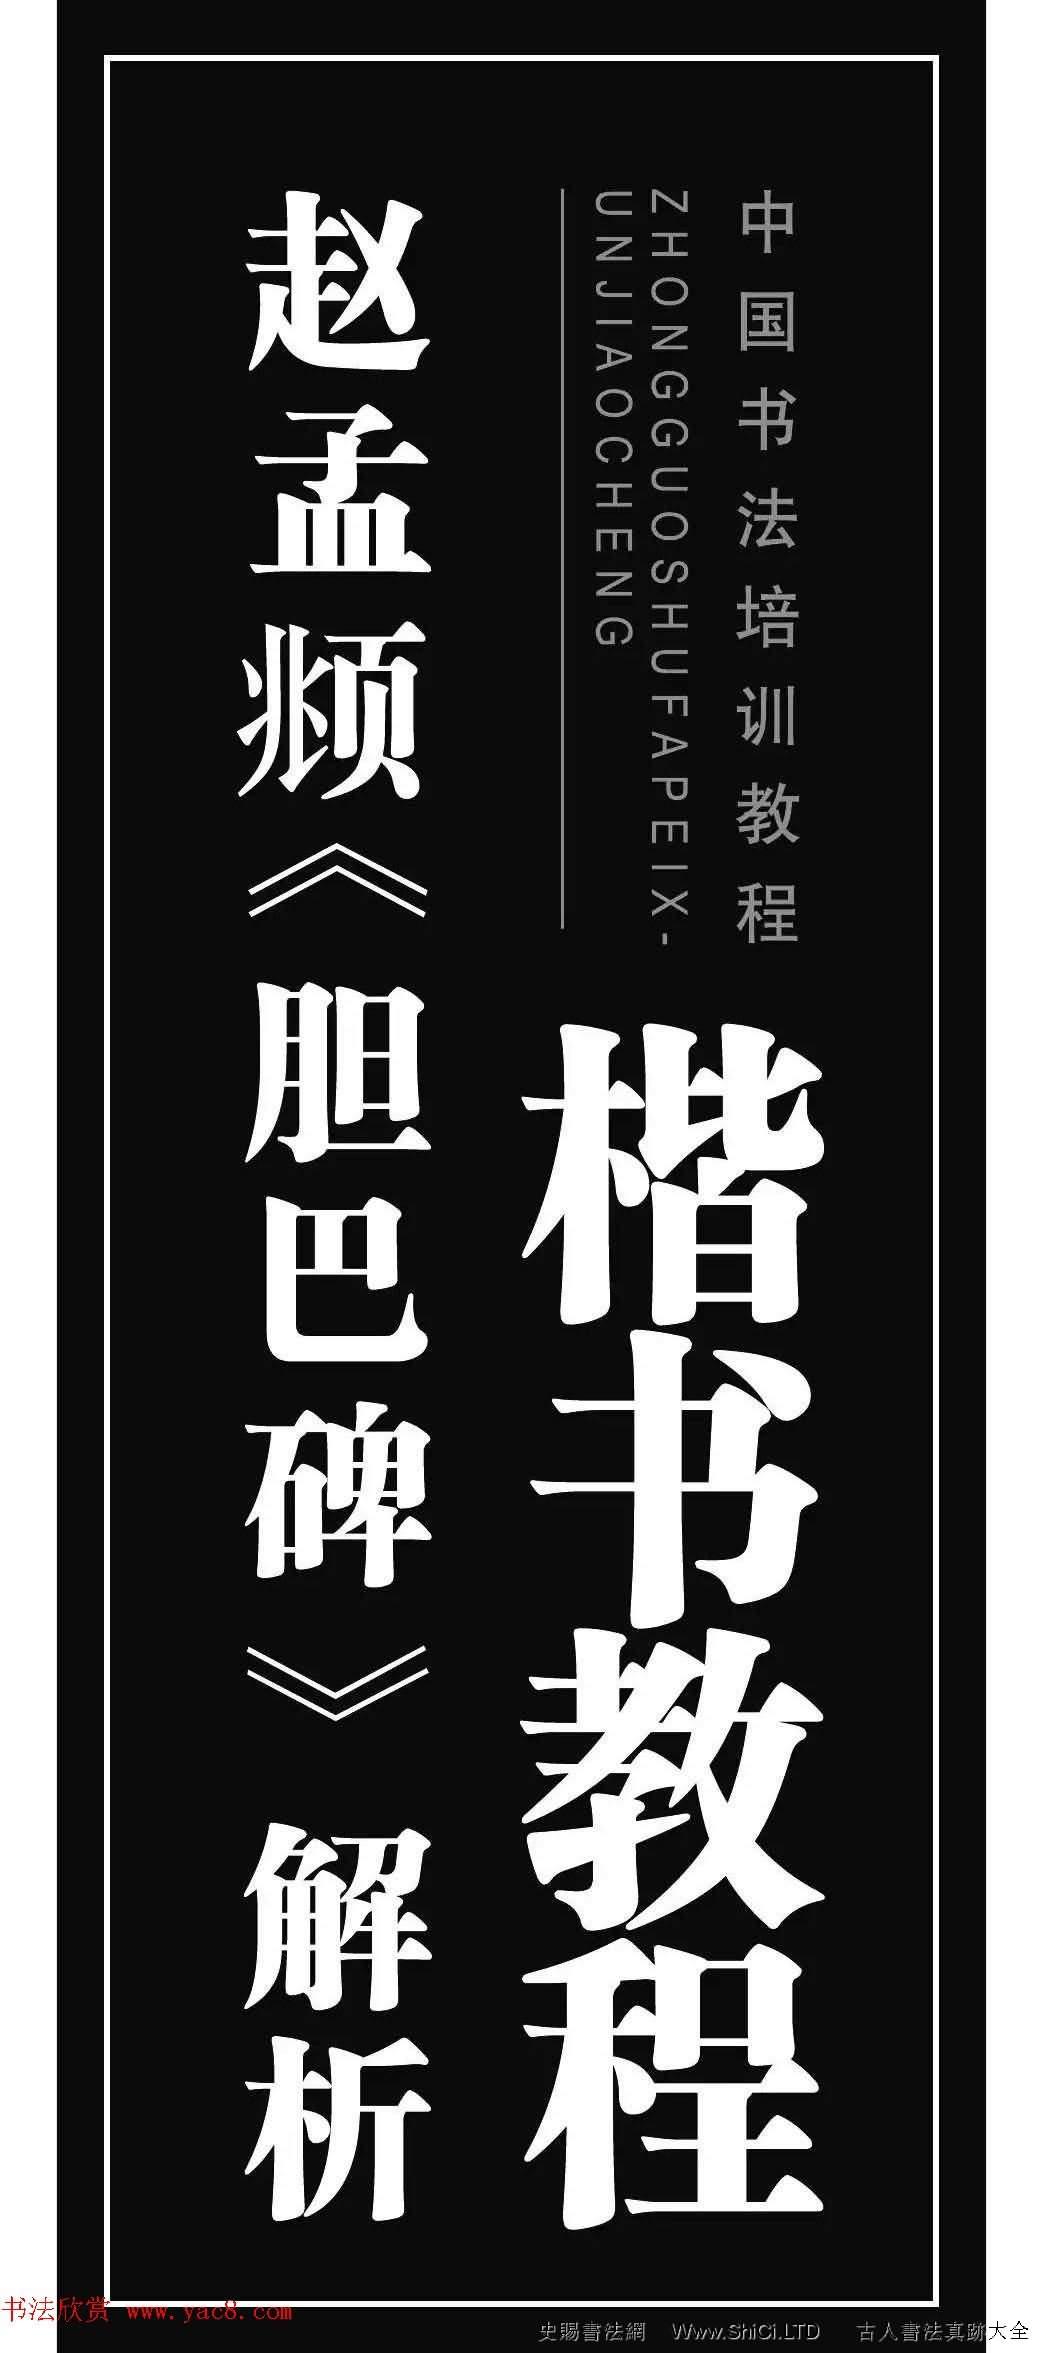 書法培訓楷書教程:趙孟頫字帖《膽巴碑》解析(共48張圖片)